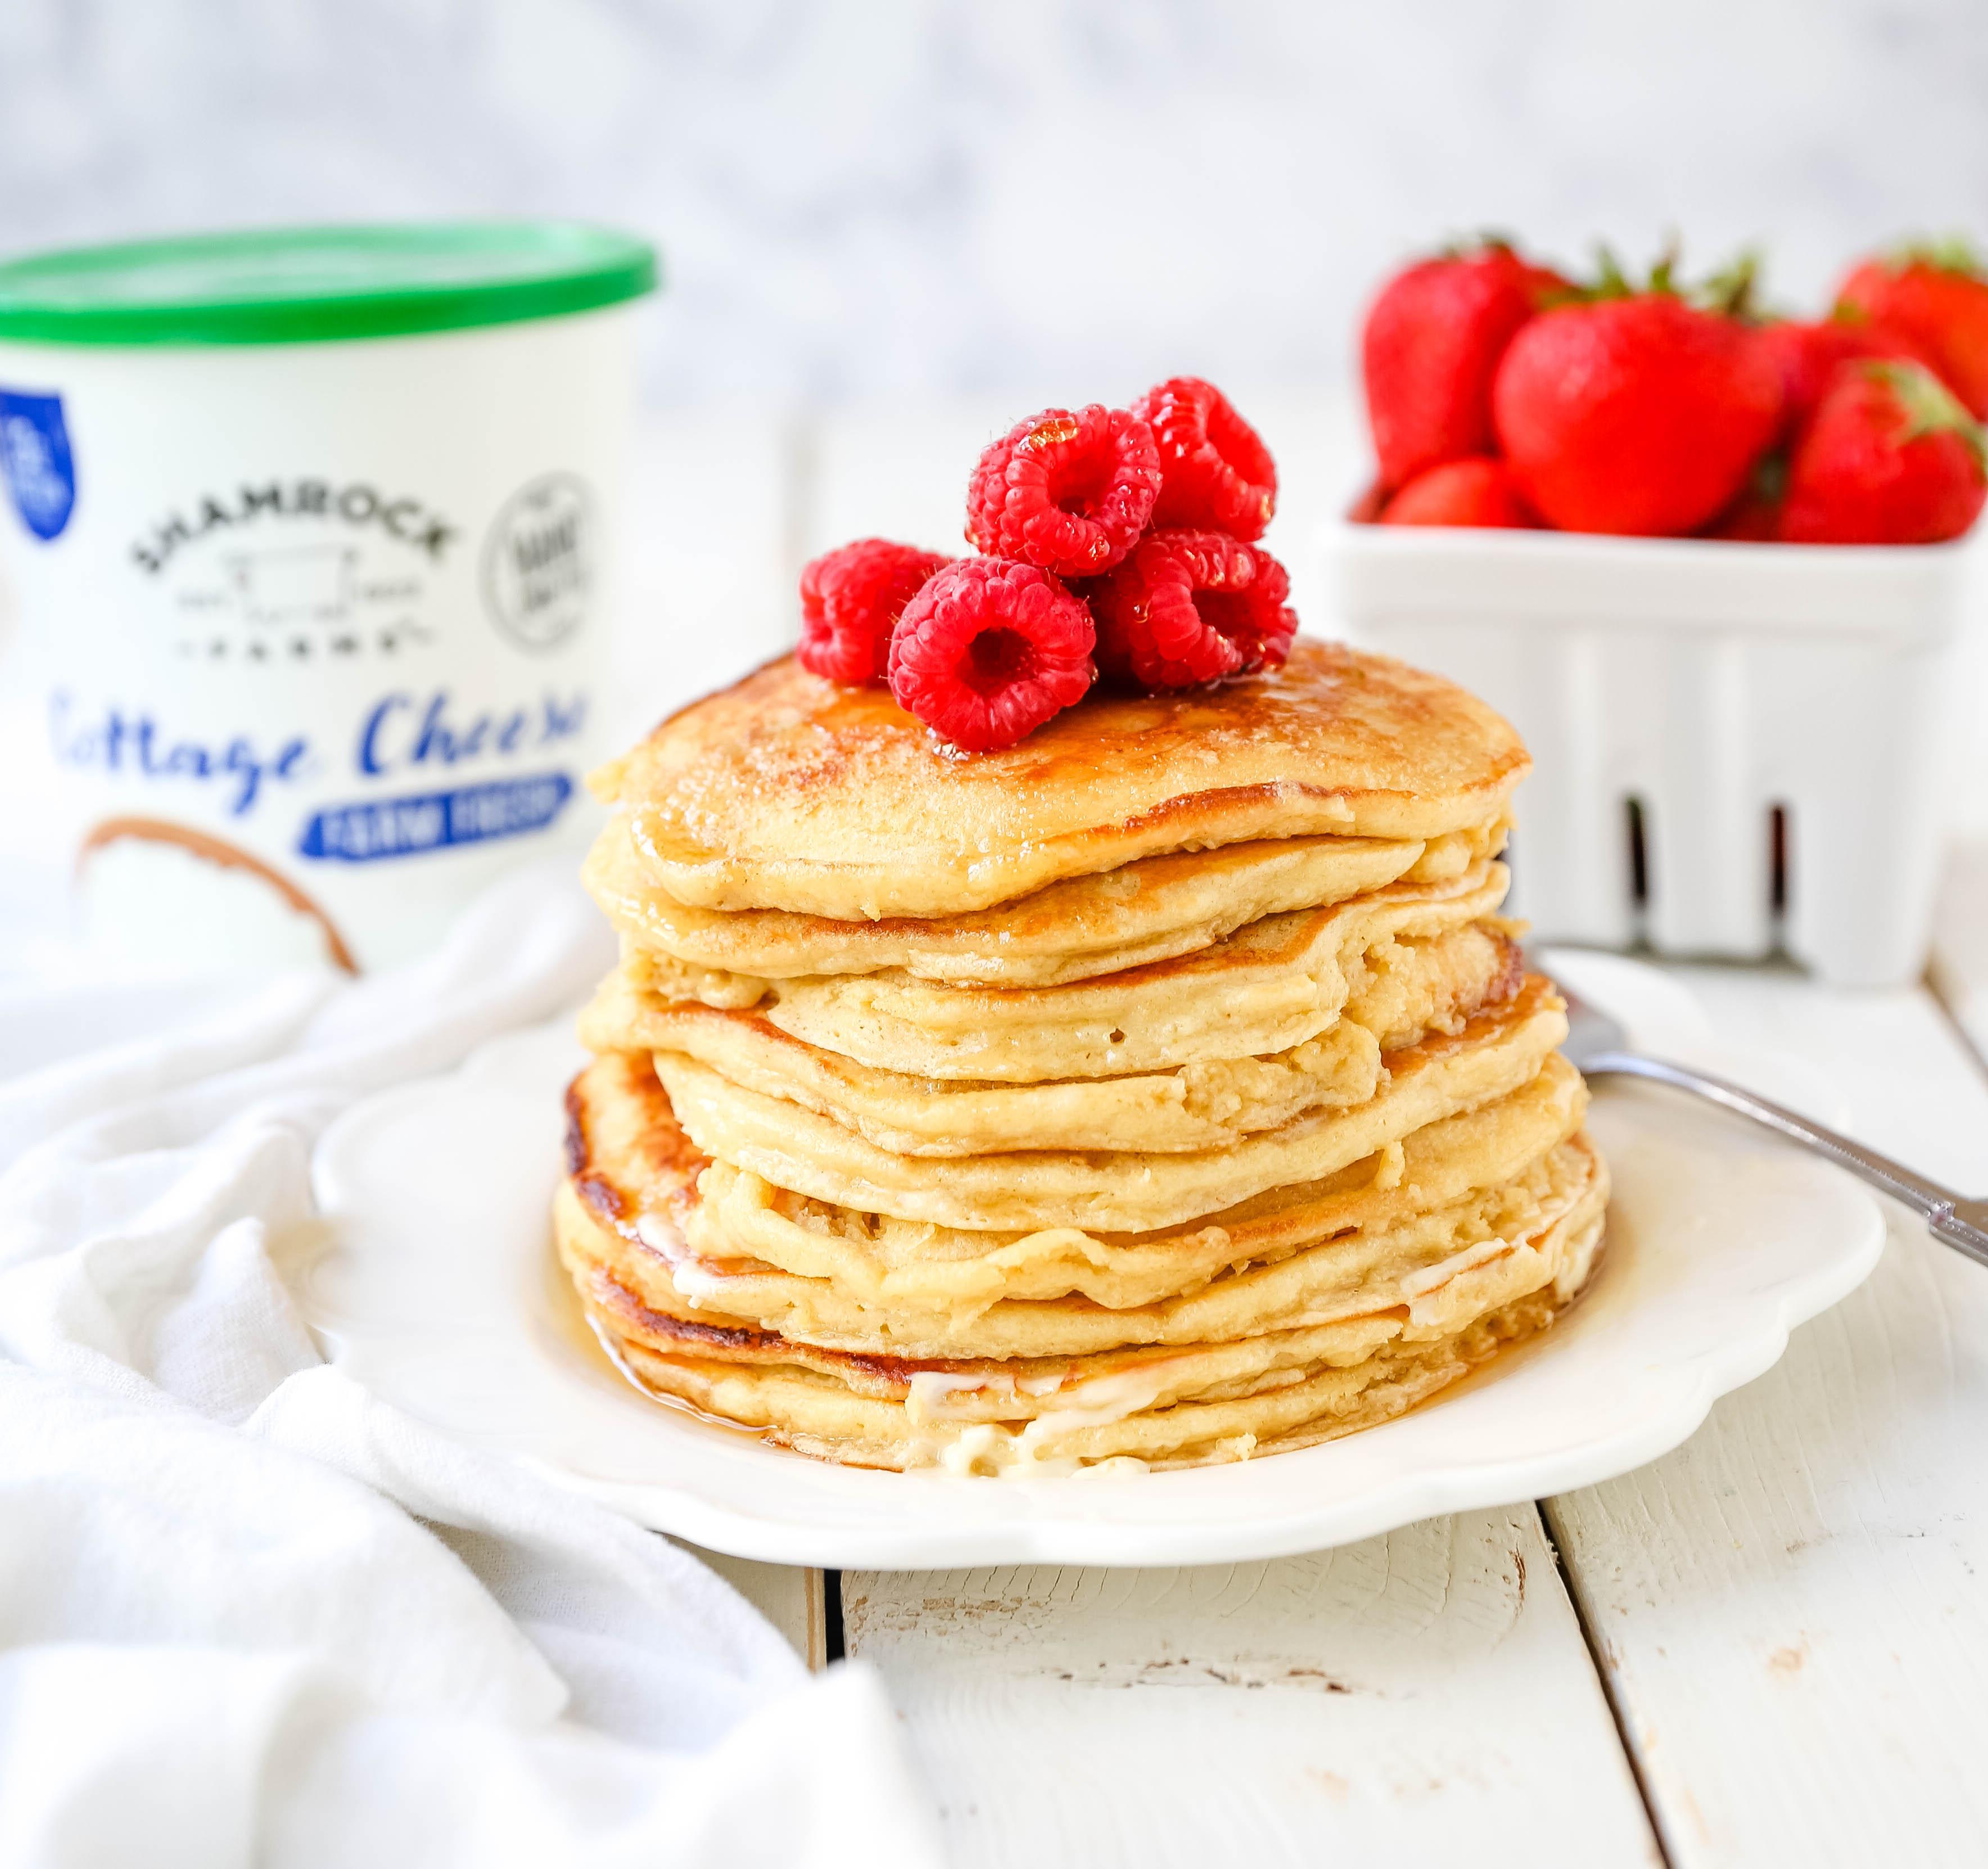 Cottage Cheese Pancakes High-protein gluten-free cottage cheese pancakes made a healthy, filling, delicious breakfast! www.modernhoney.com #breakfast #highprotein #protein #proteinrecipes #cottagecheesepancakes